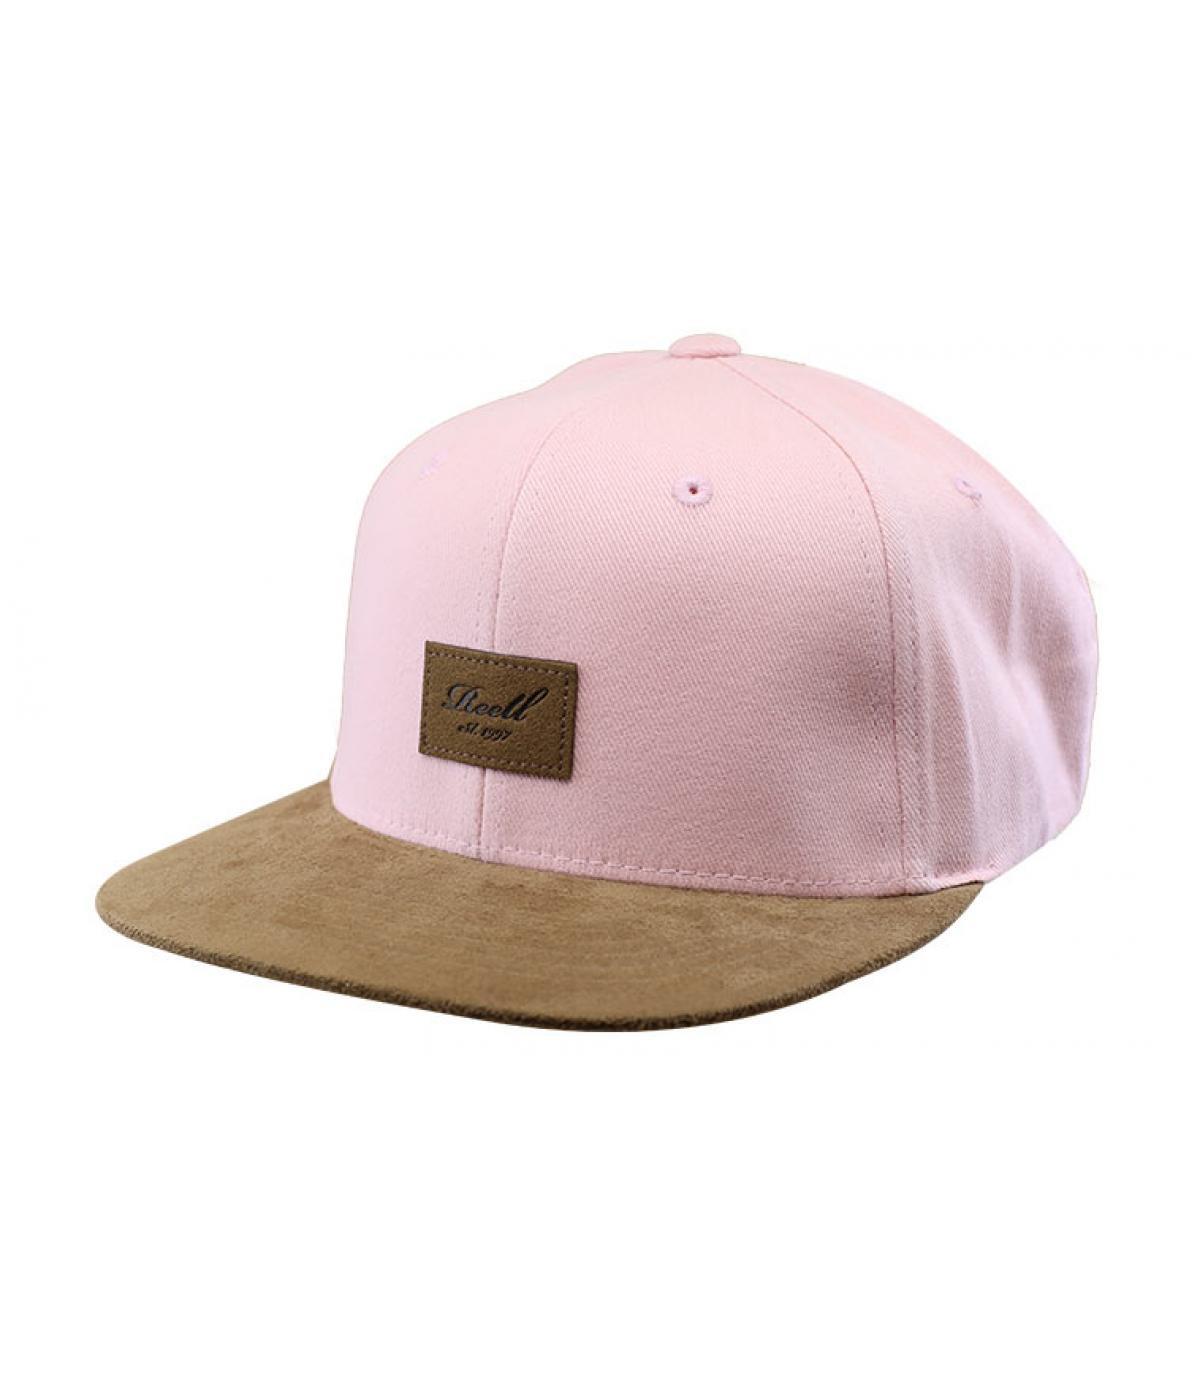 Détails Suede Cap dusty pink - image 2